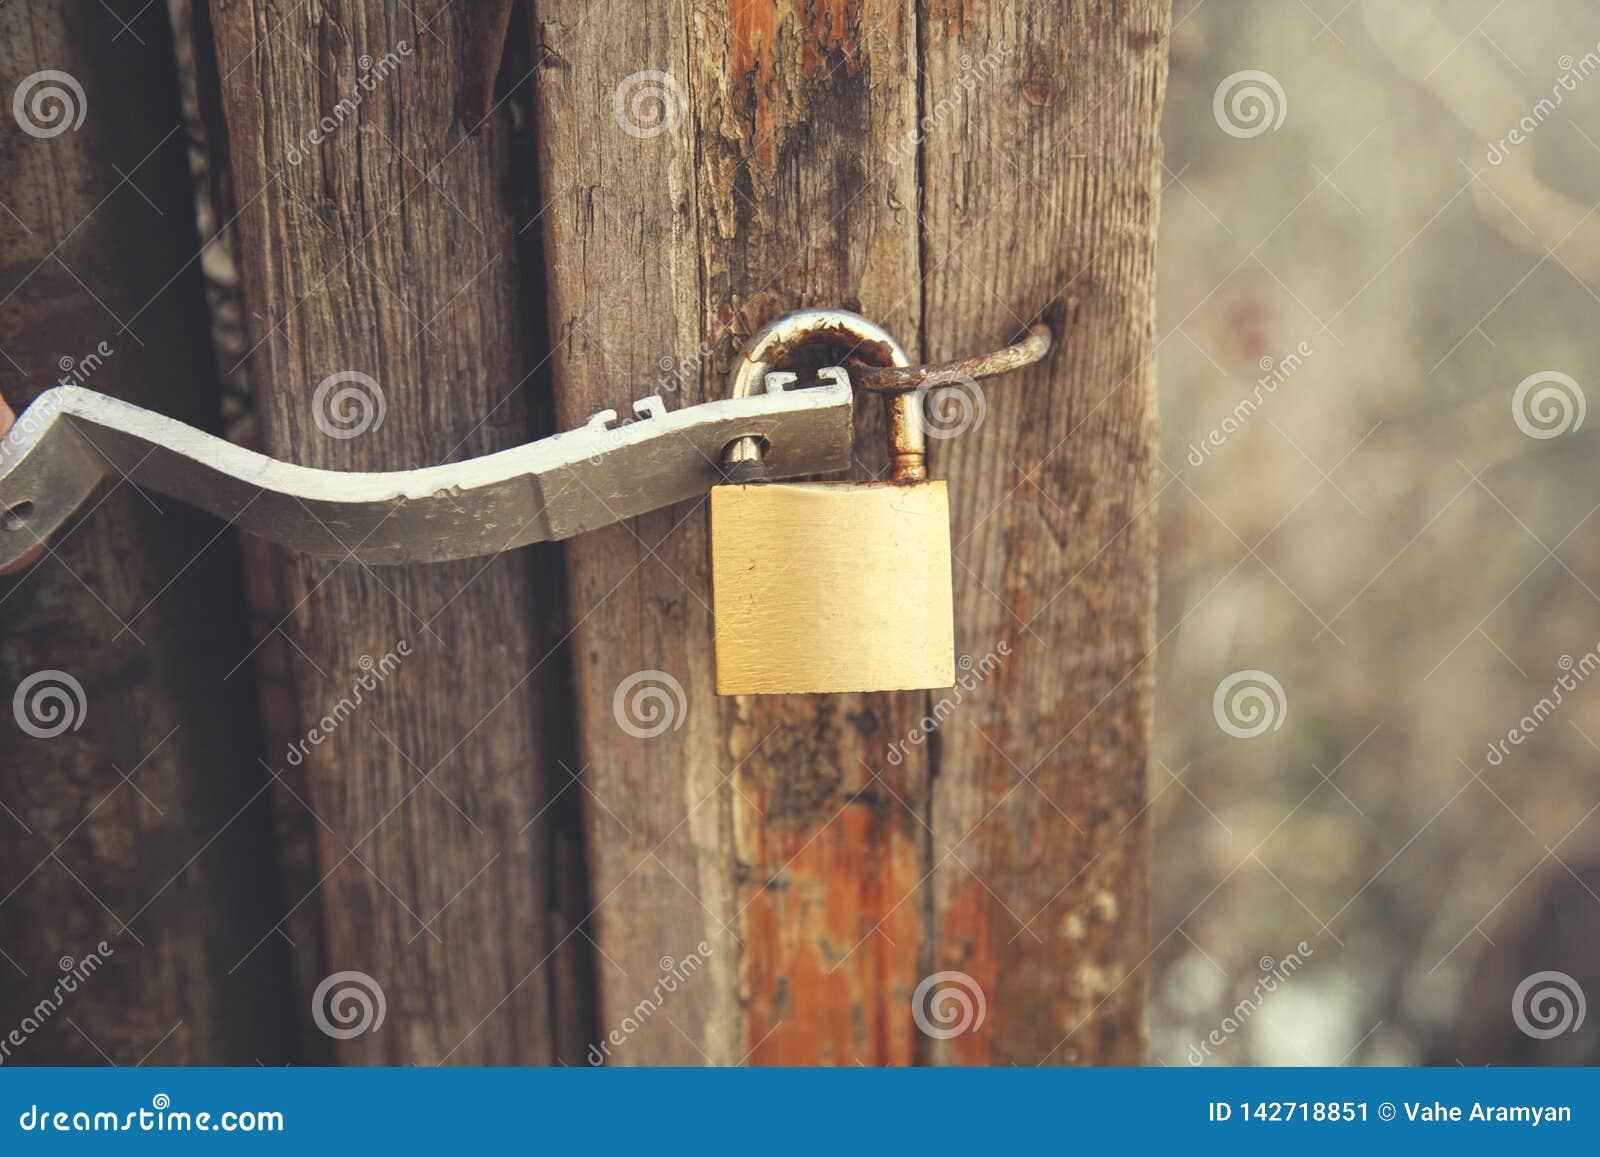 Wooden door lock stock image. Image of padlock, doors - 142718851 on